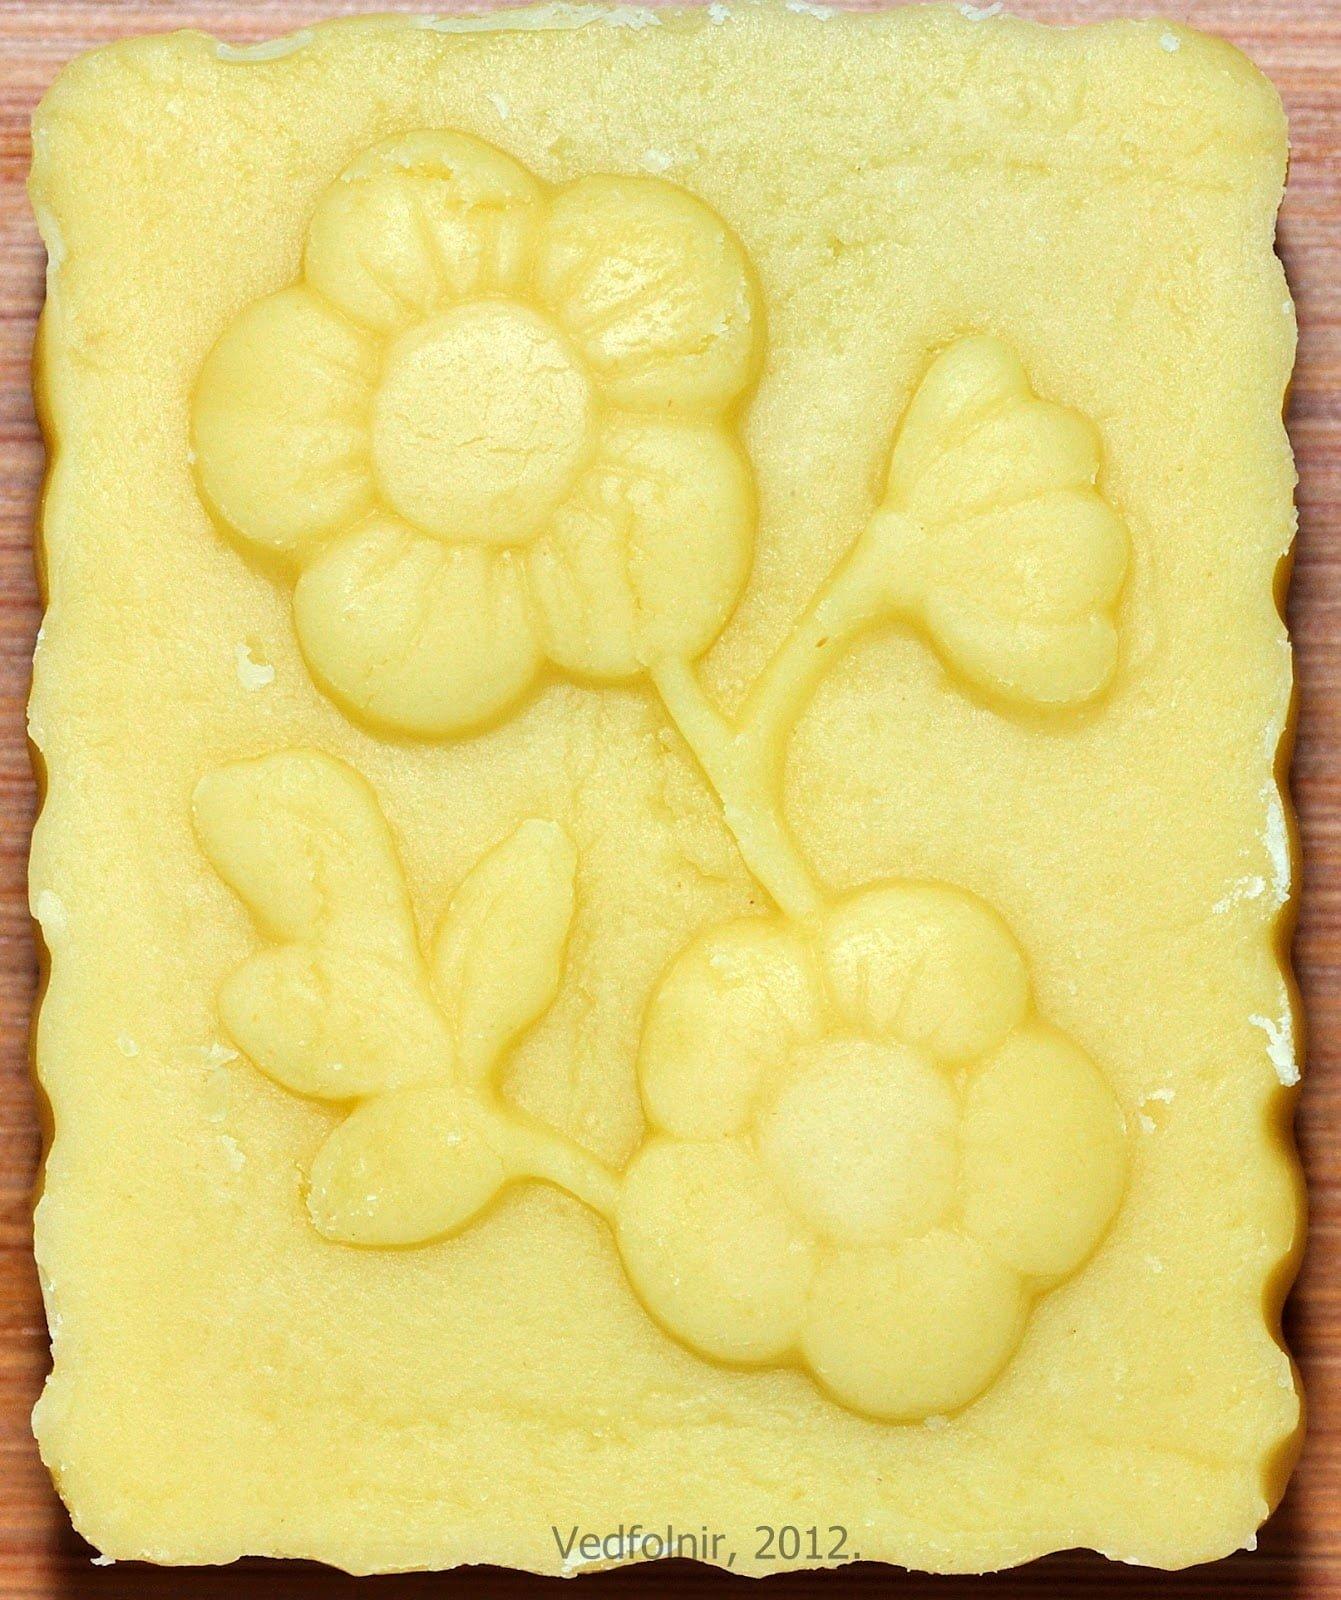 foodimg-roooroo-cake-biscuit-cookie-snack-什倆漉餅行-vedfolnir-4-piece-4